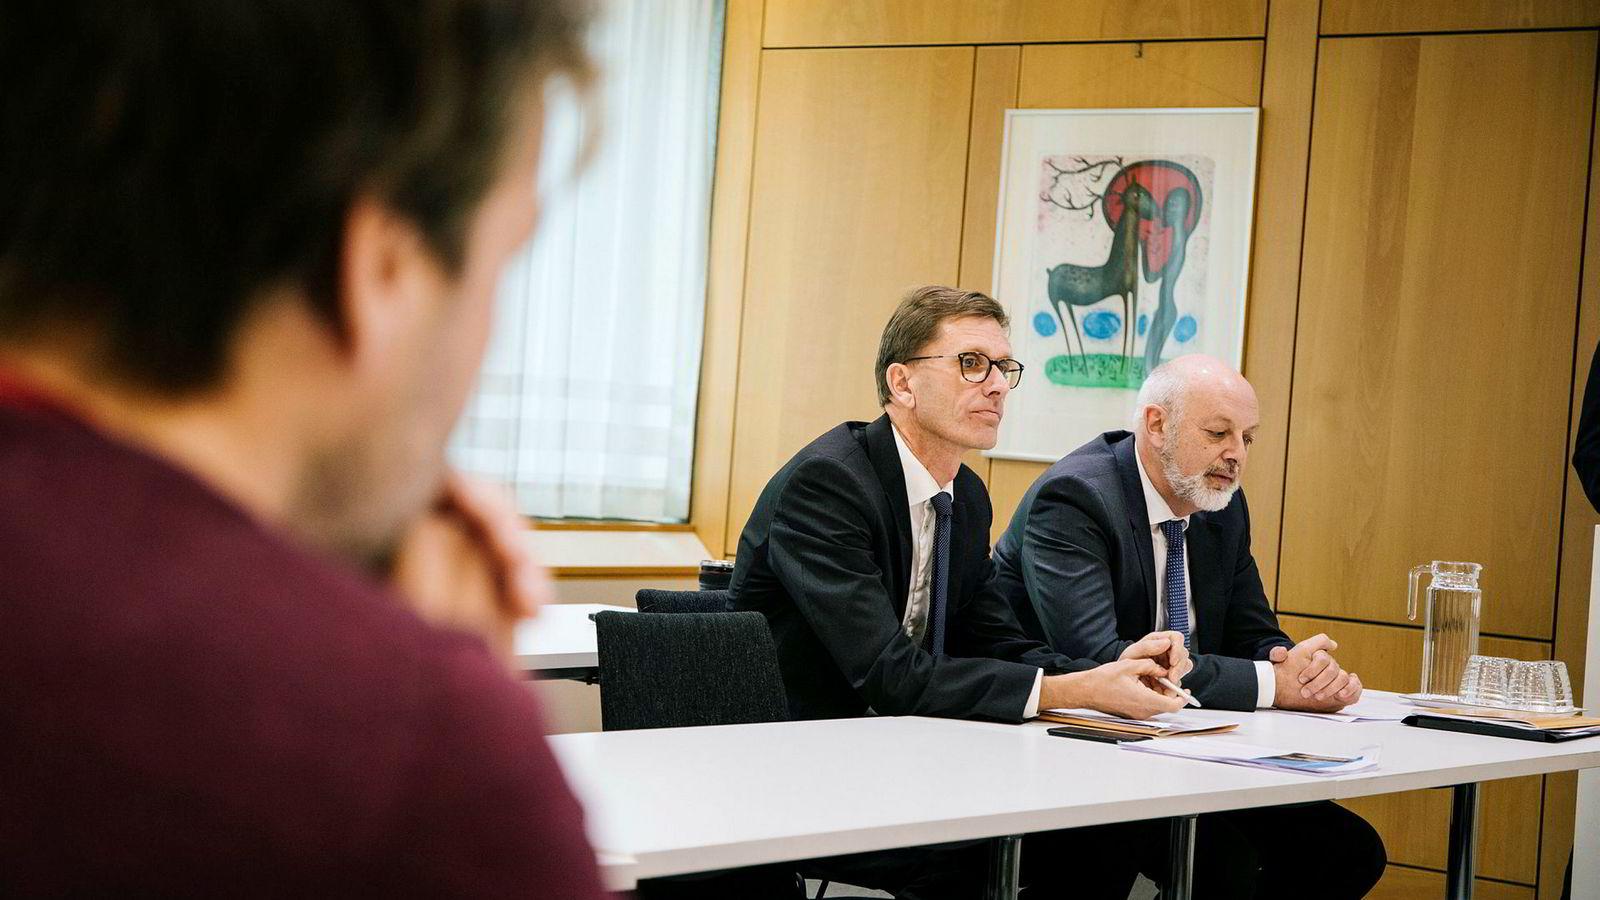 Norges Bank la frem sin årlige rapport om finansiell stabilitet i den norske økonomien. På bildet, fra venstre: Finansiell direktør i Norges Bank, Torbjørn Hægeland og visesentralbanksjef Jon Nicolaisen.